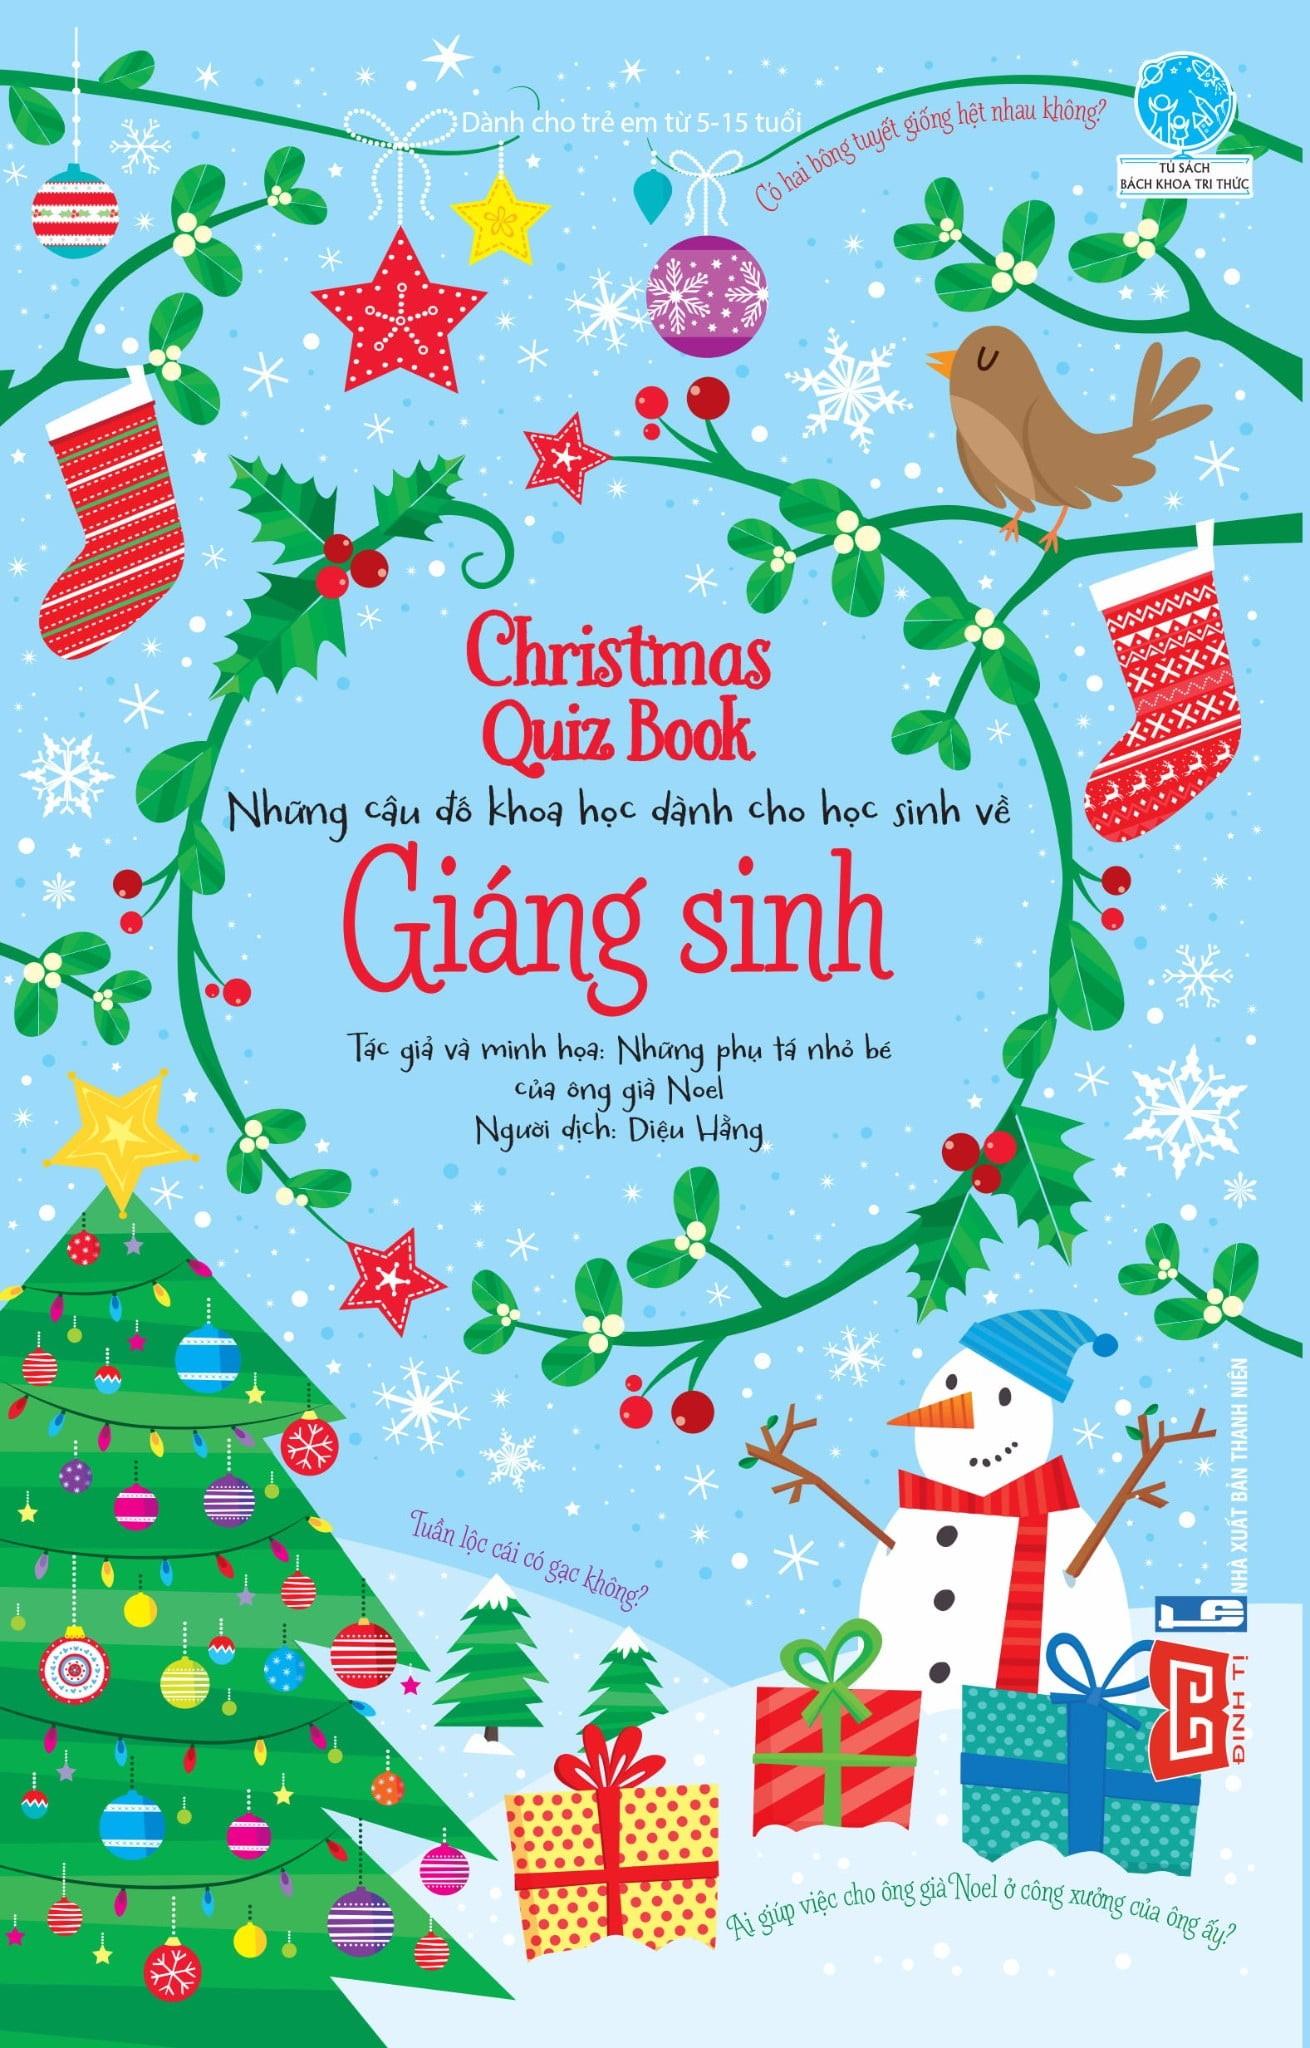 Sách Giáng sinh siêu đáng yêu cho bé (Ảnh: Fahasa)